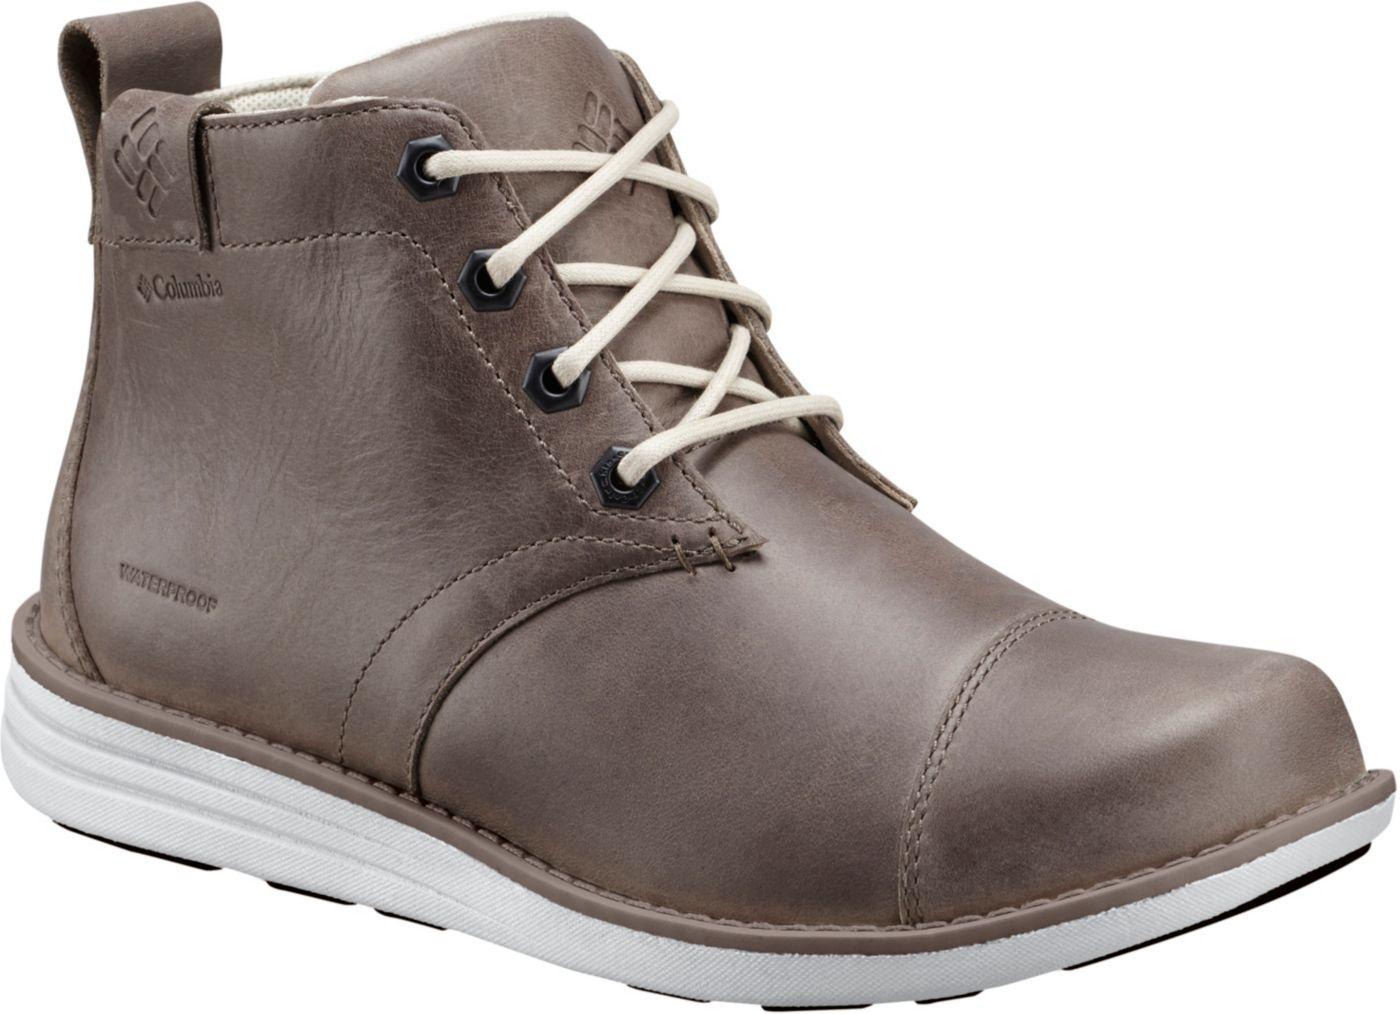 Columbia Men's Irvington Leather Waterproof Chukka Boots